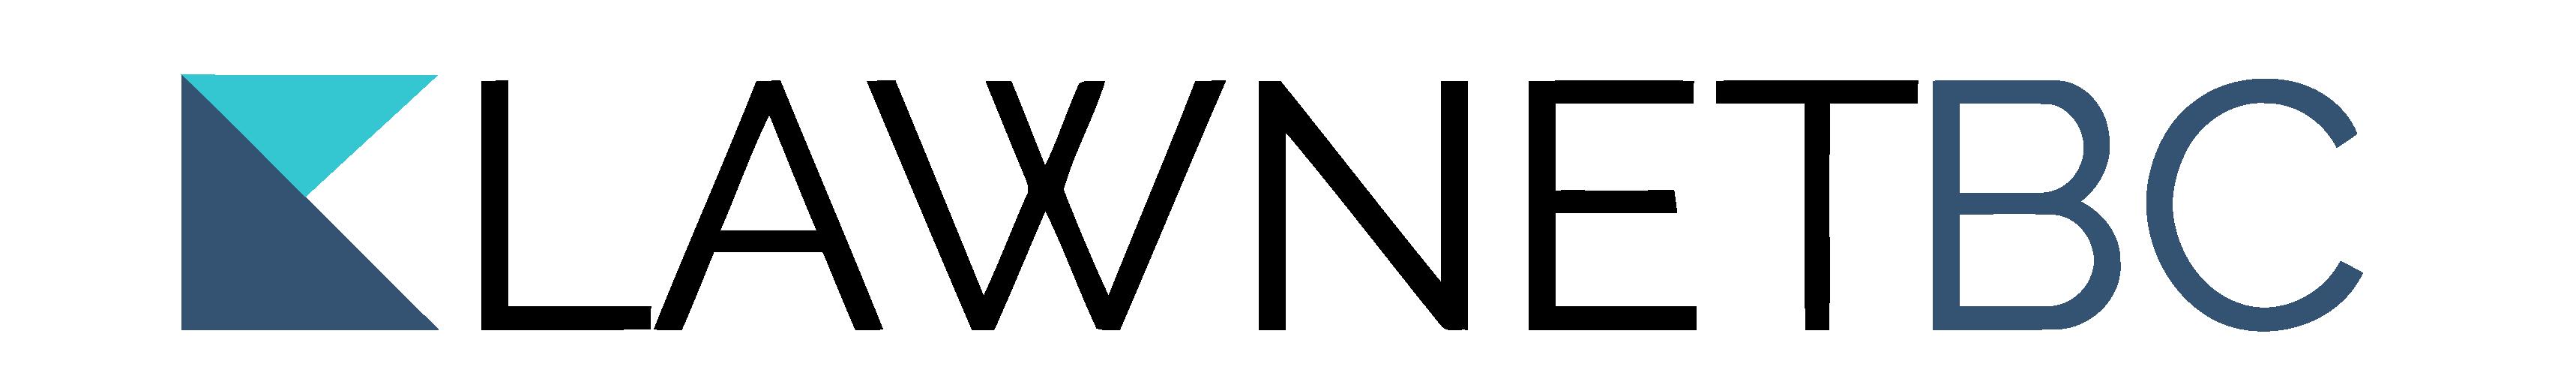 LAWNET BC